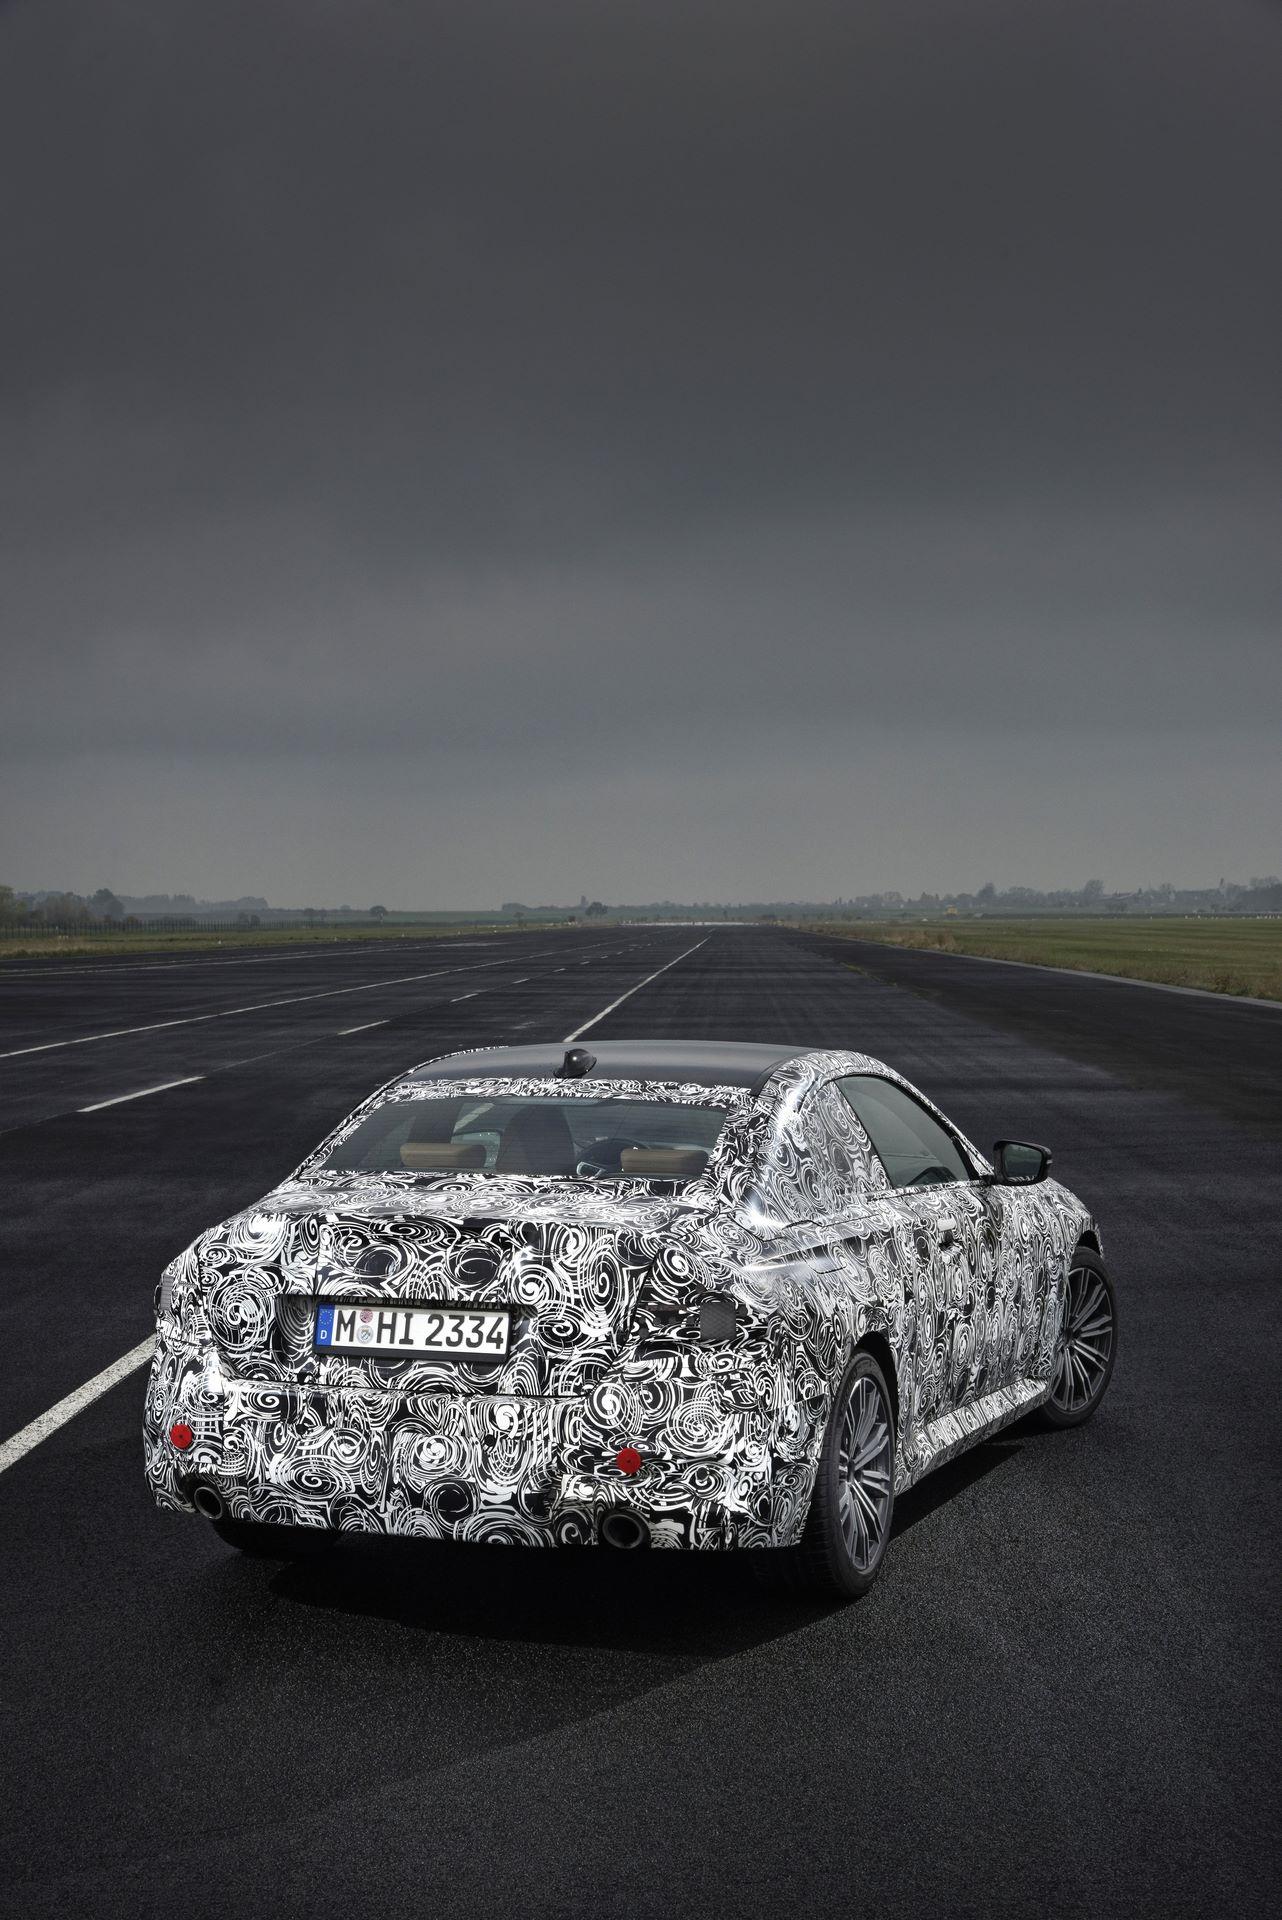 BMW-2-Series-M240i-spy-photos-51